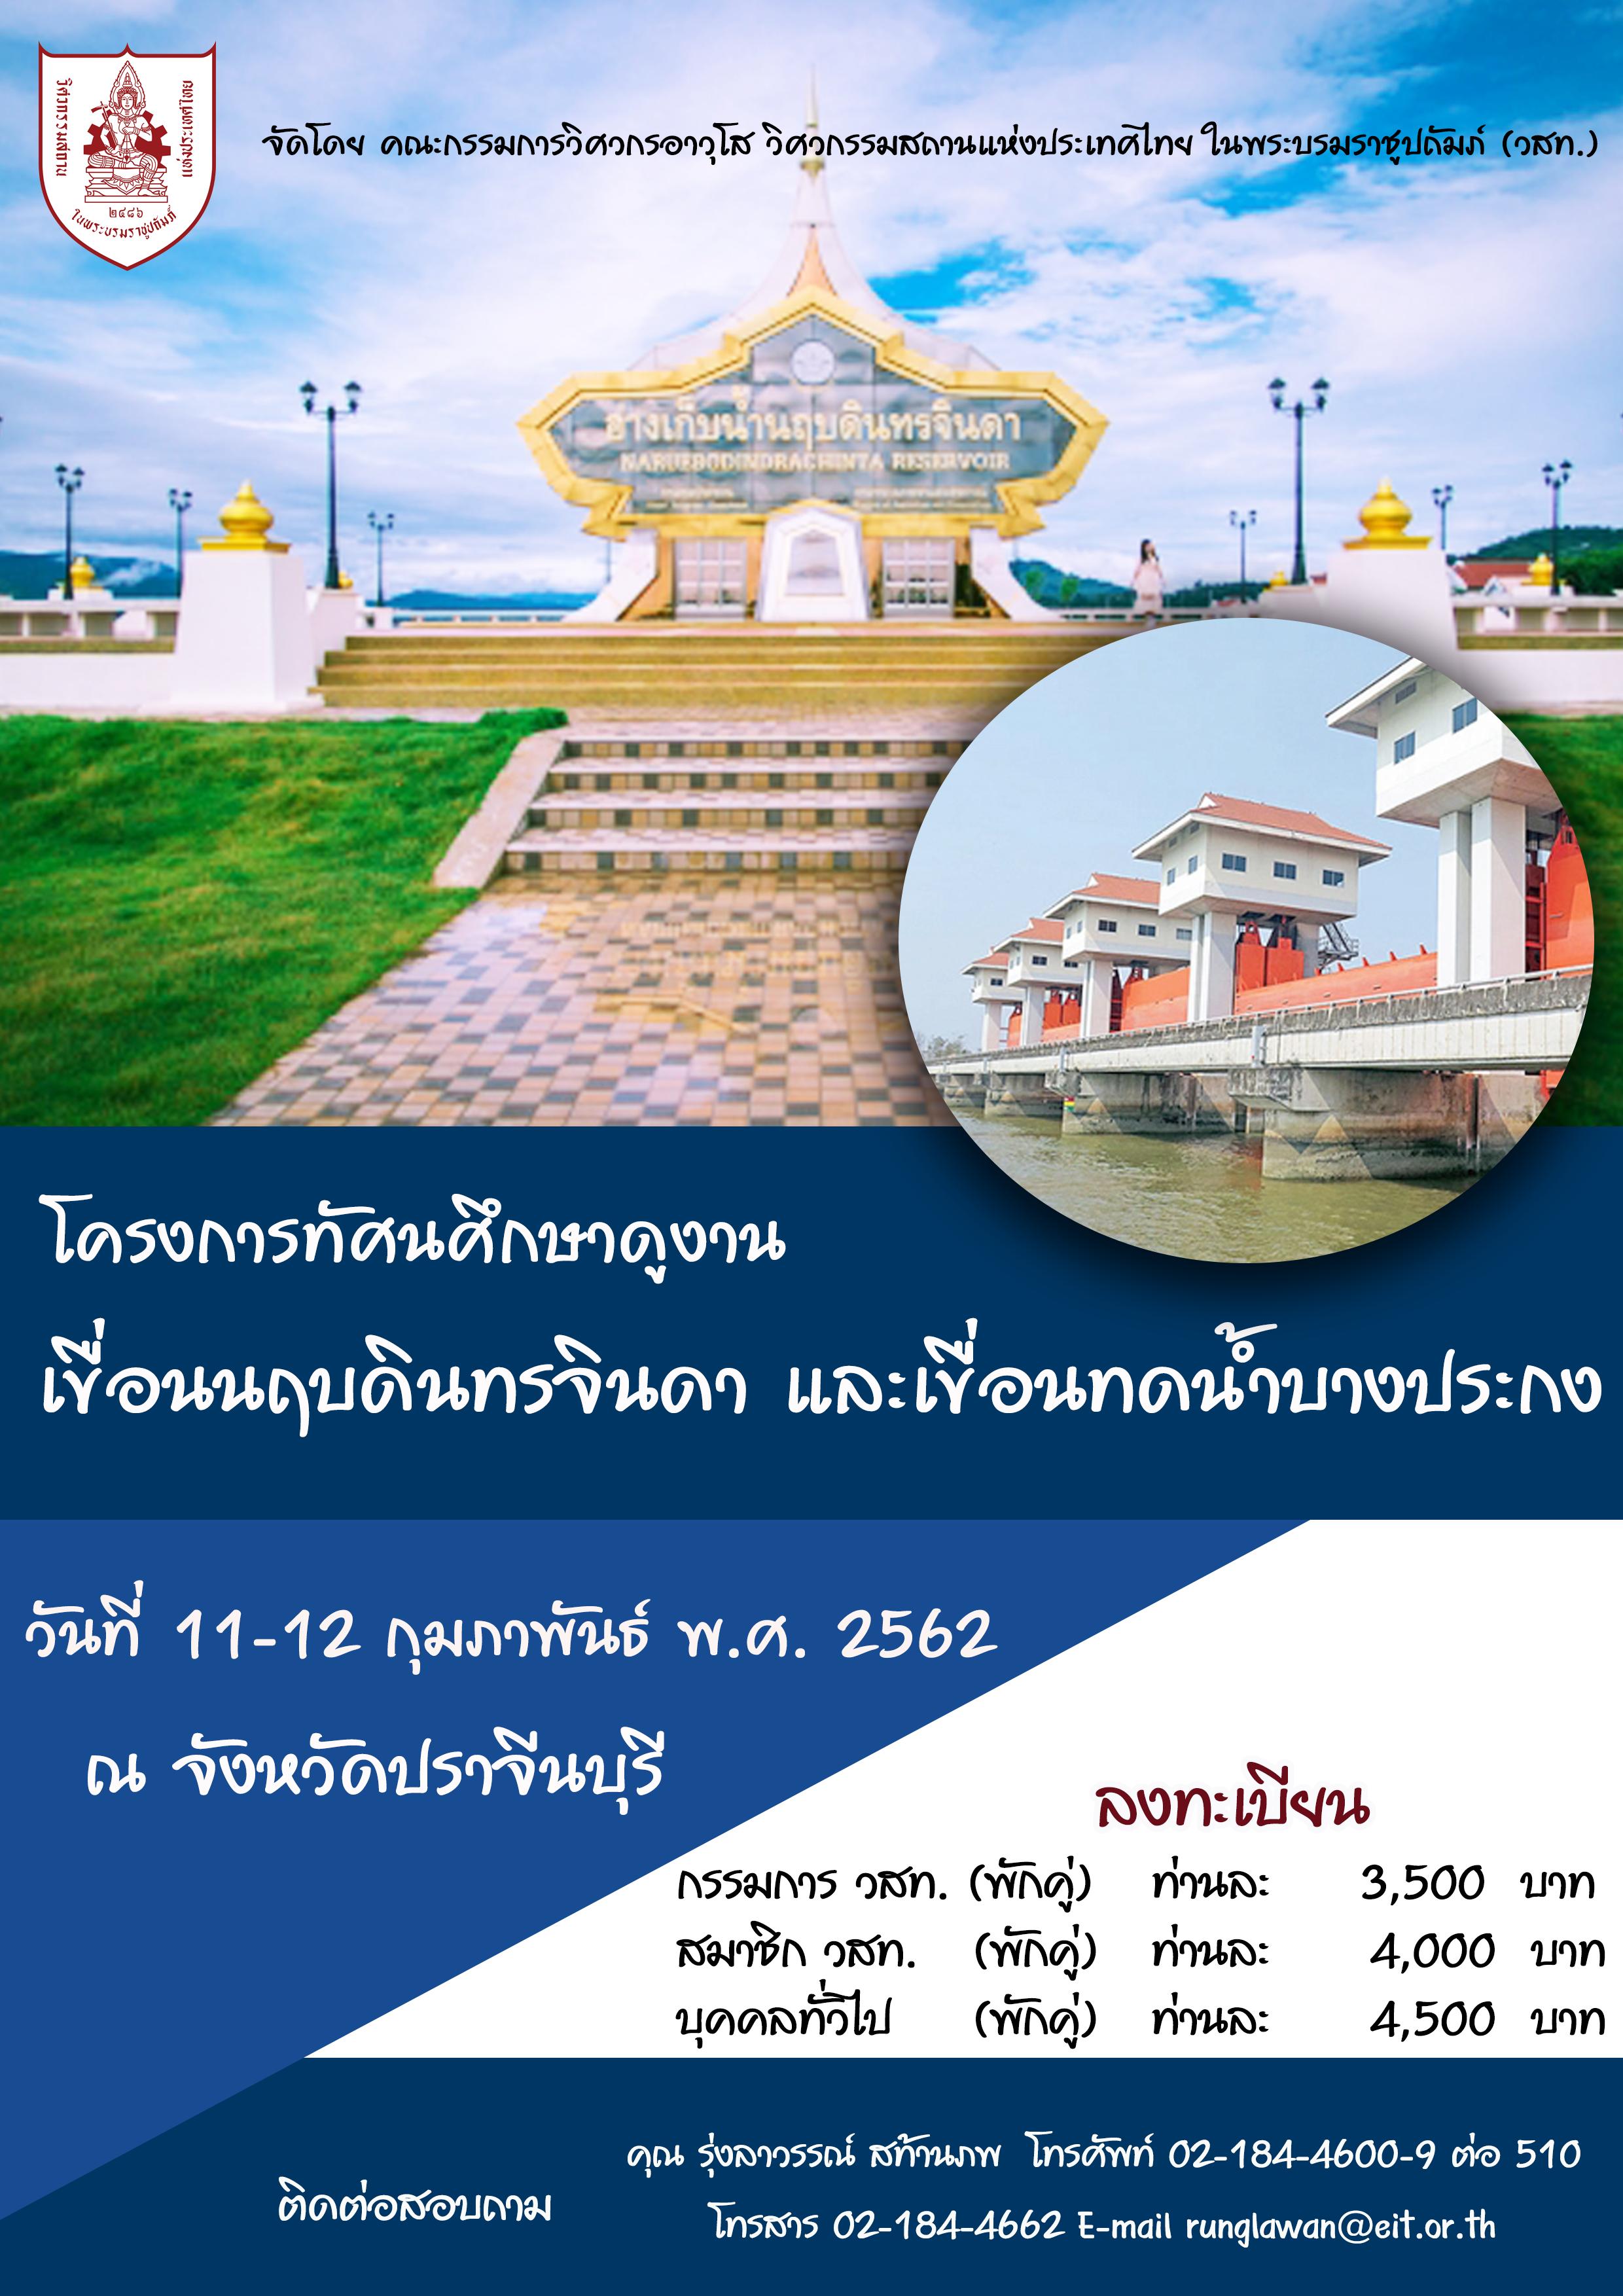 11-12/02/2562 โครงการทัศนศึกษาดูงาน เขื่อนนฤบดินทรจินดา และเขื่อนทดน้ำบางปะกง จังหวัดปราจีนบุรี